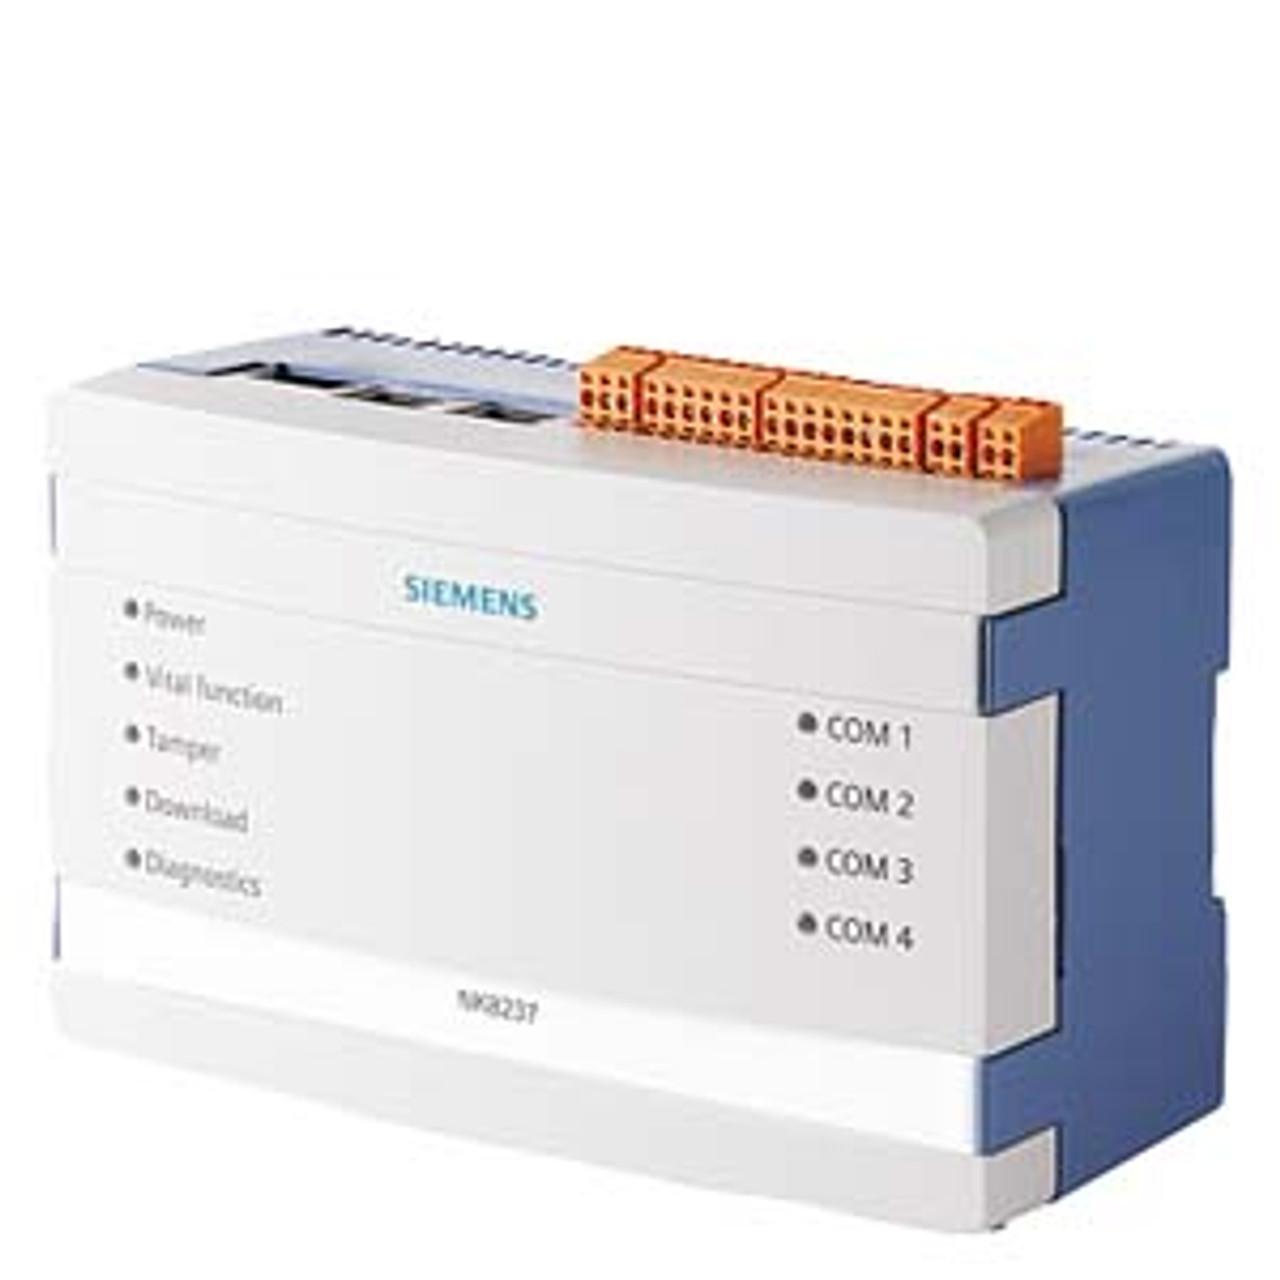 Siemens NK8237.2, S54461-C7-A1